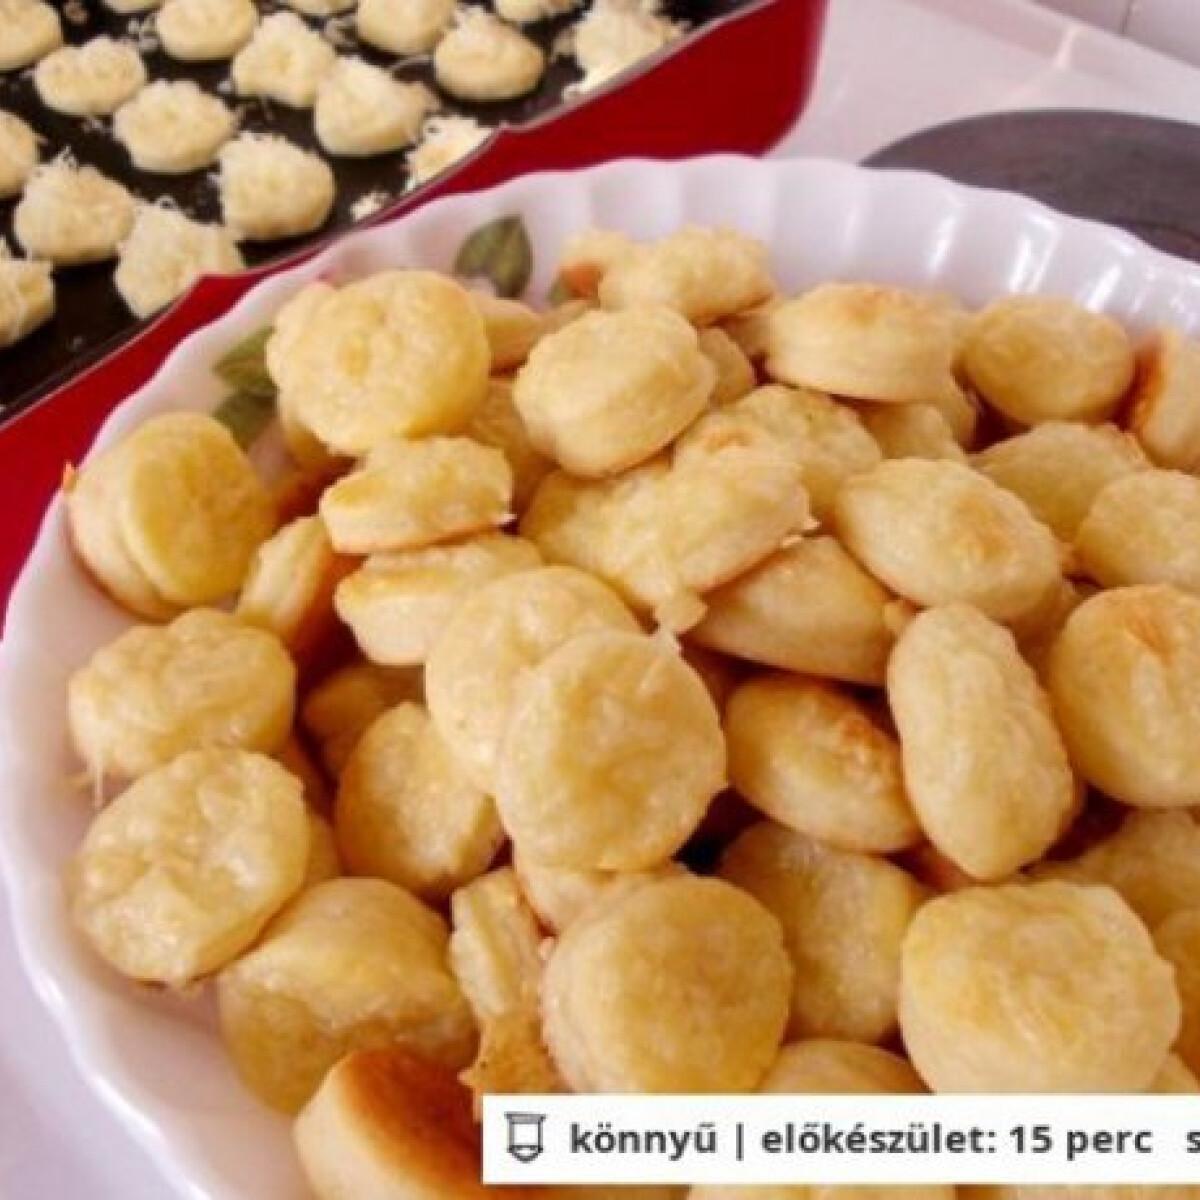 Ezen a képen: Túrós-sajtos pogácsa ancsagirltől